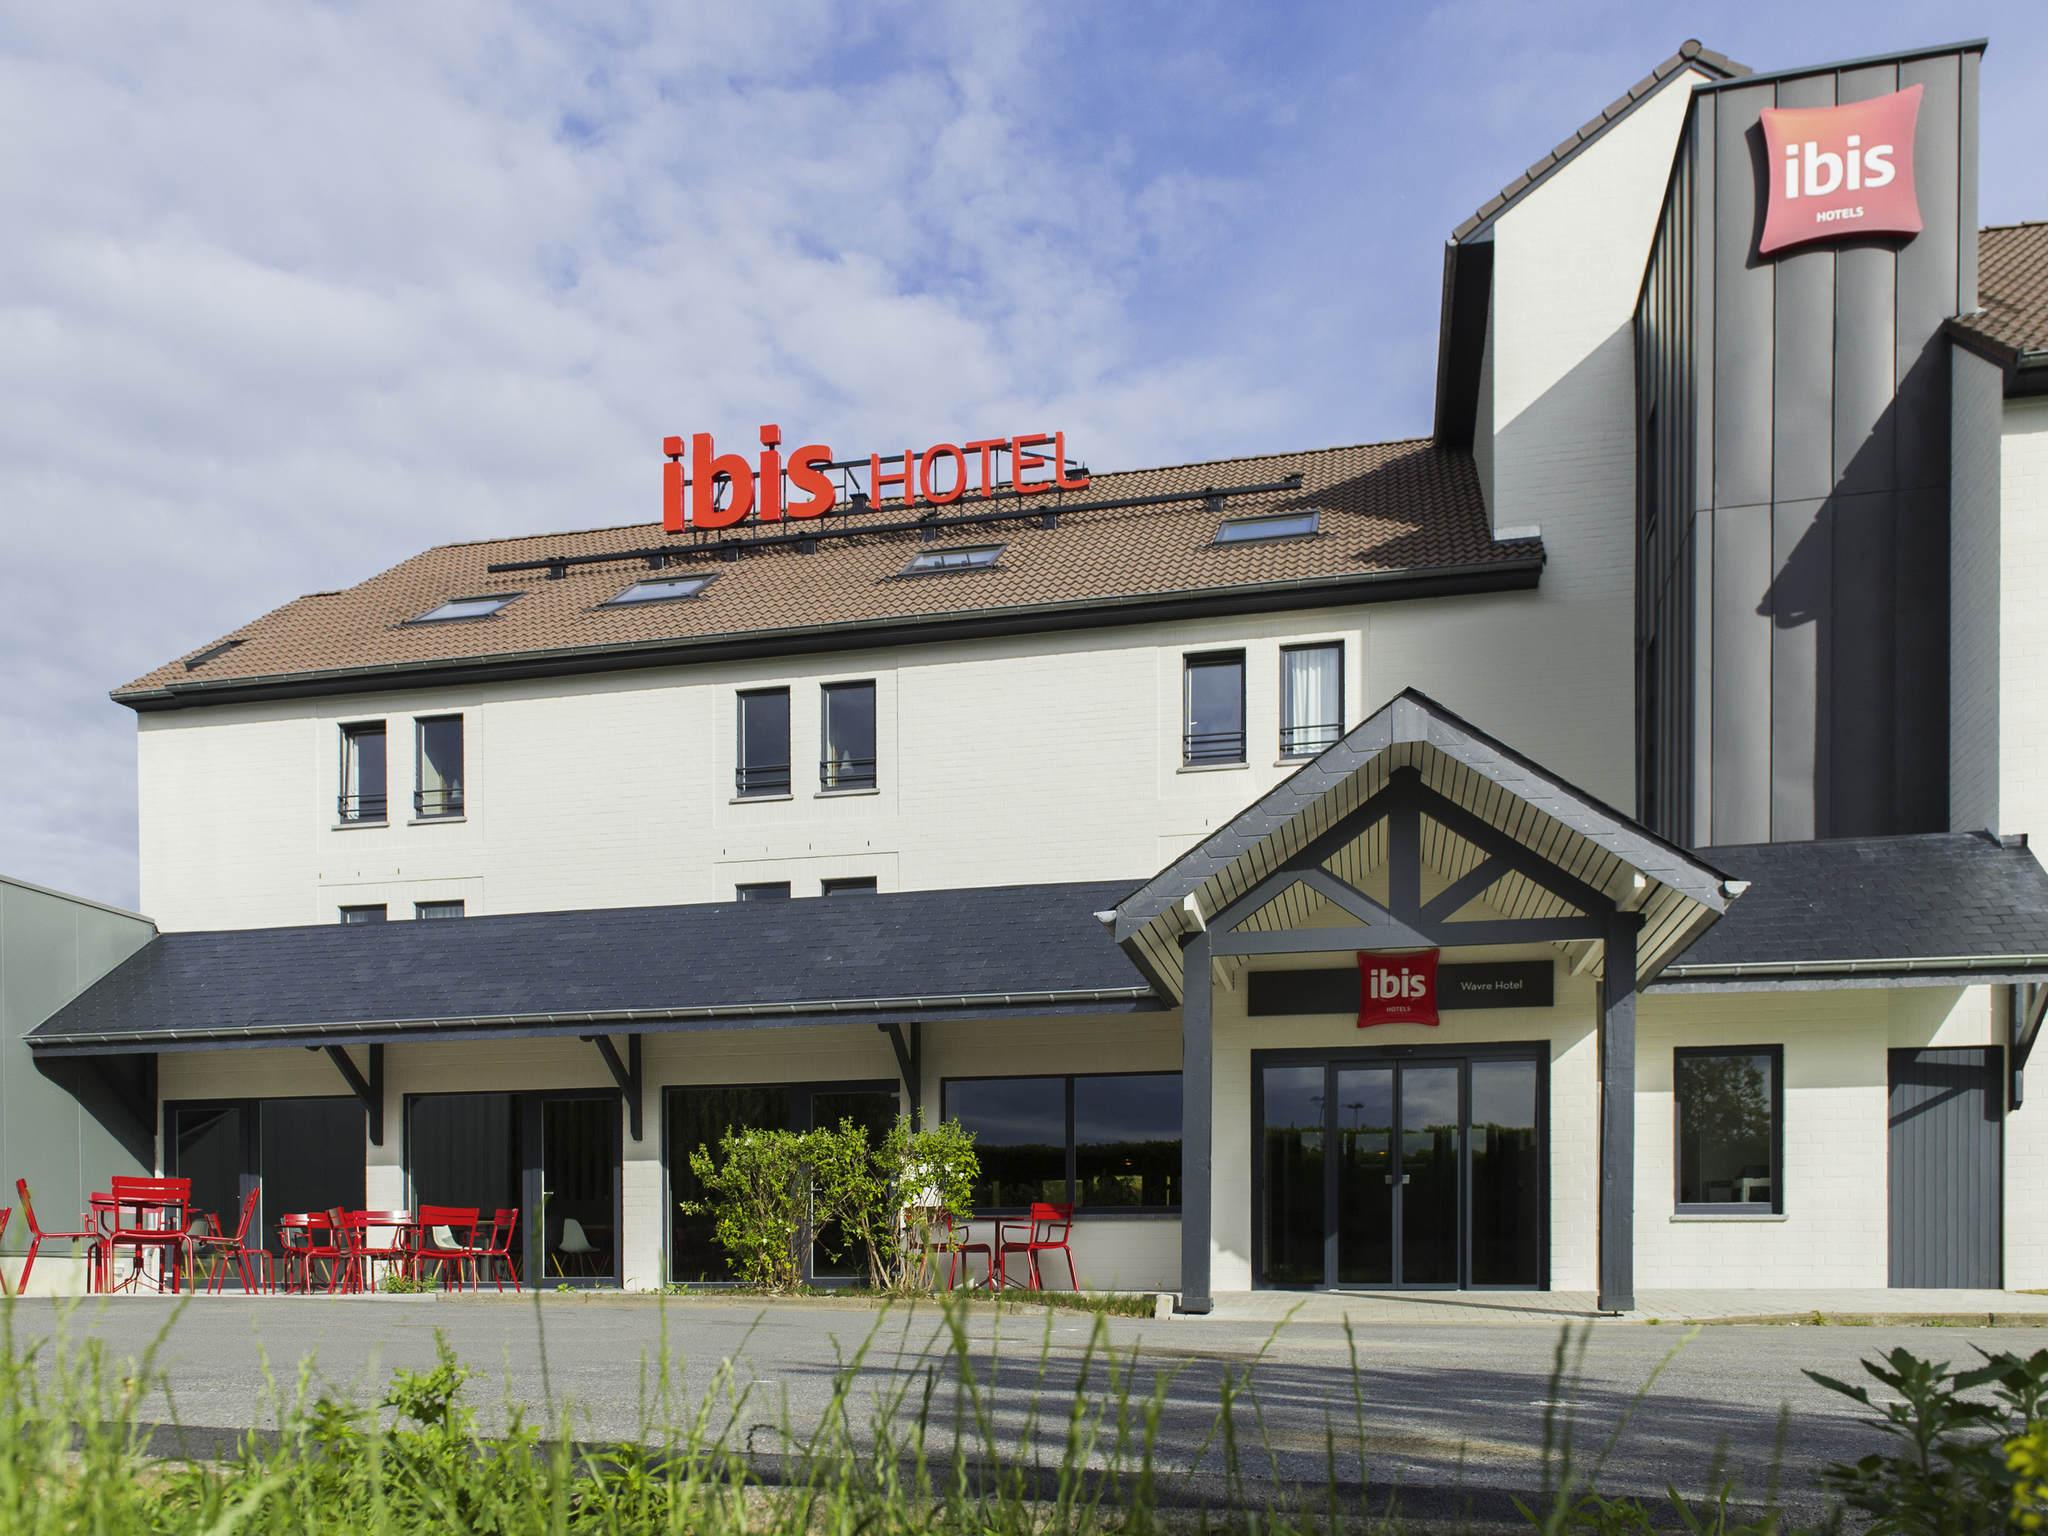 Ibis Hotel Wavre